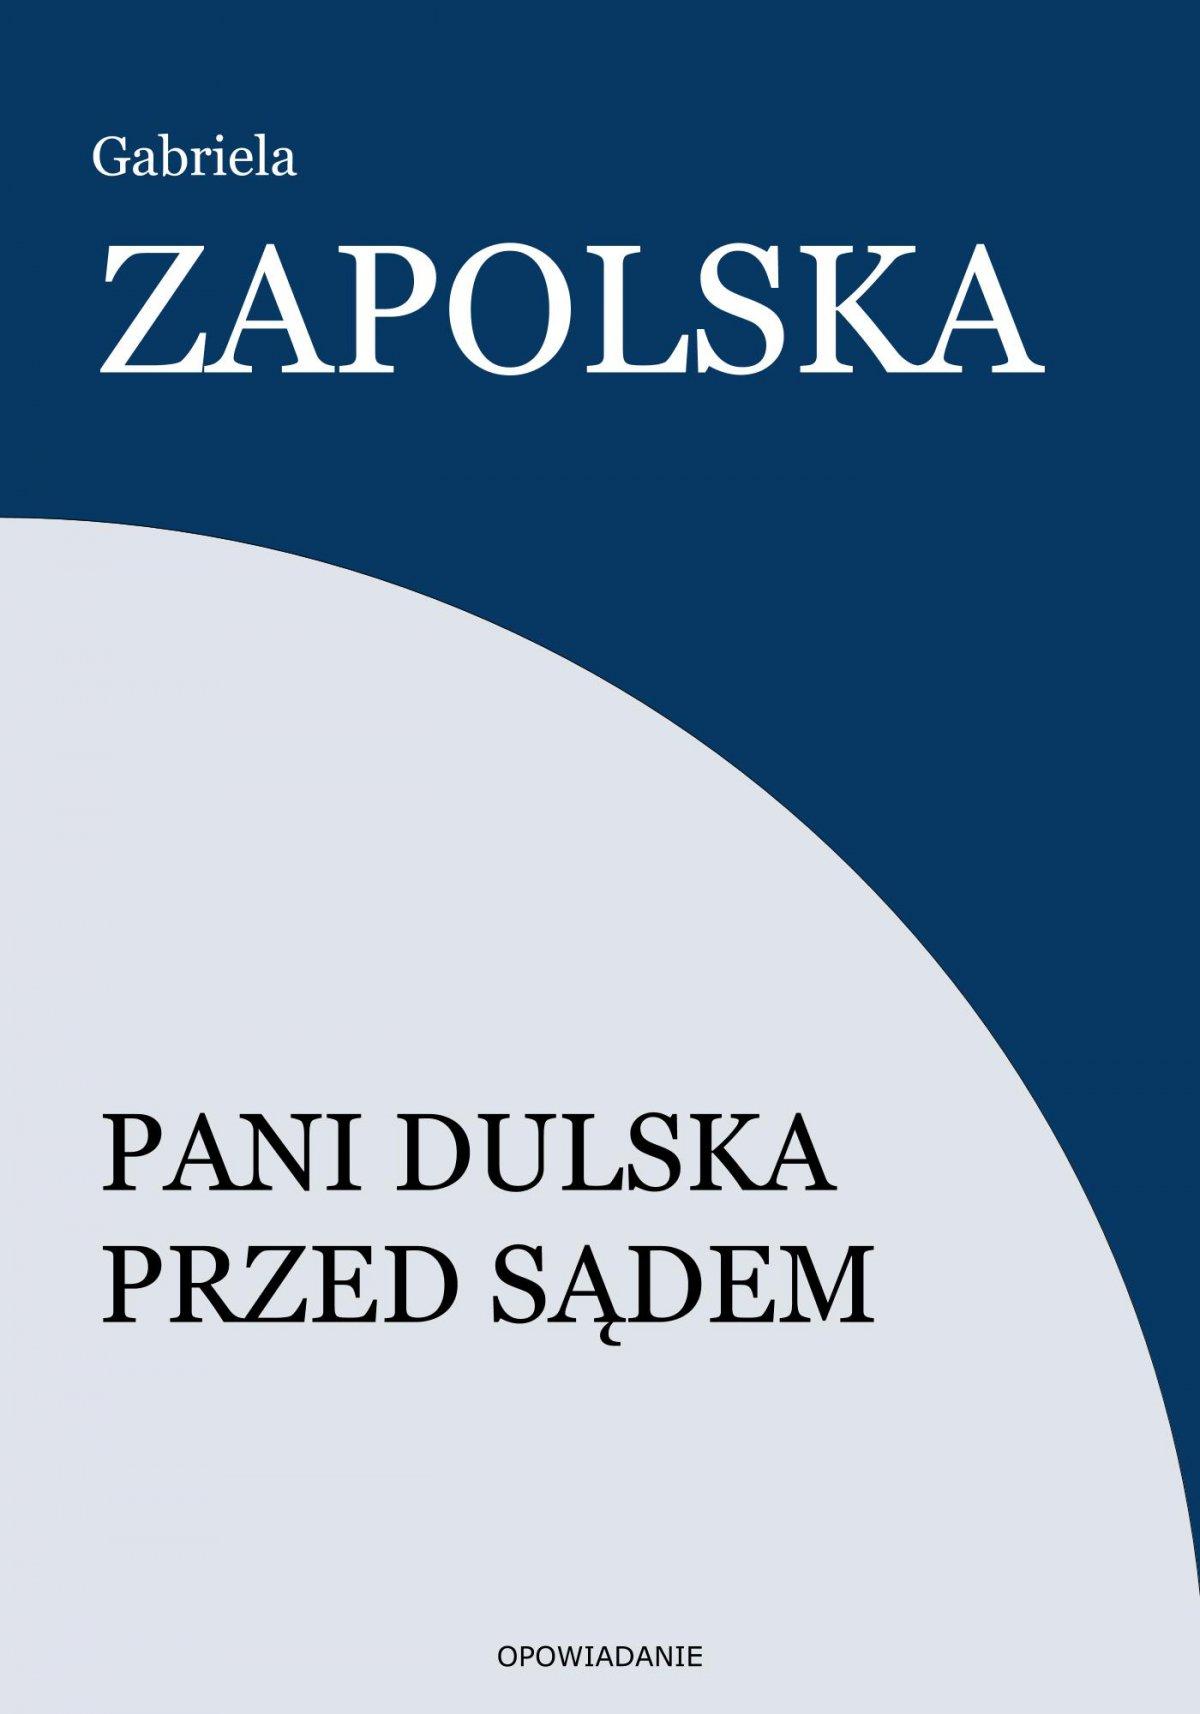 Pani Dulska przed sądem - Ebook (Książka EPUB) do pobrania w formacie EPUB